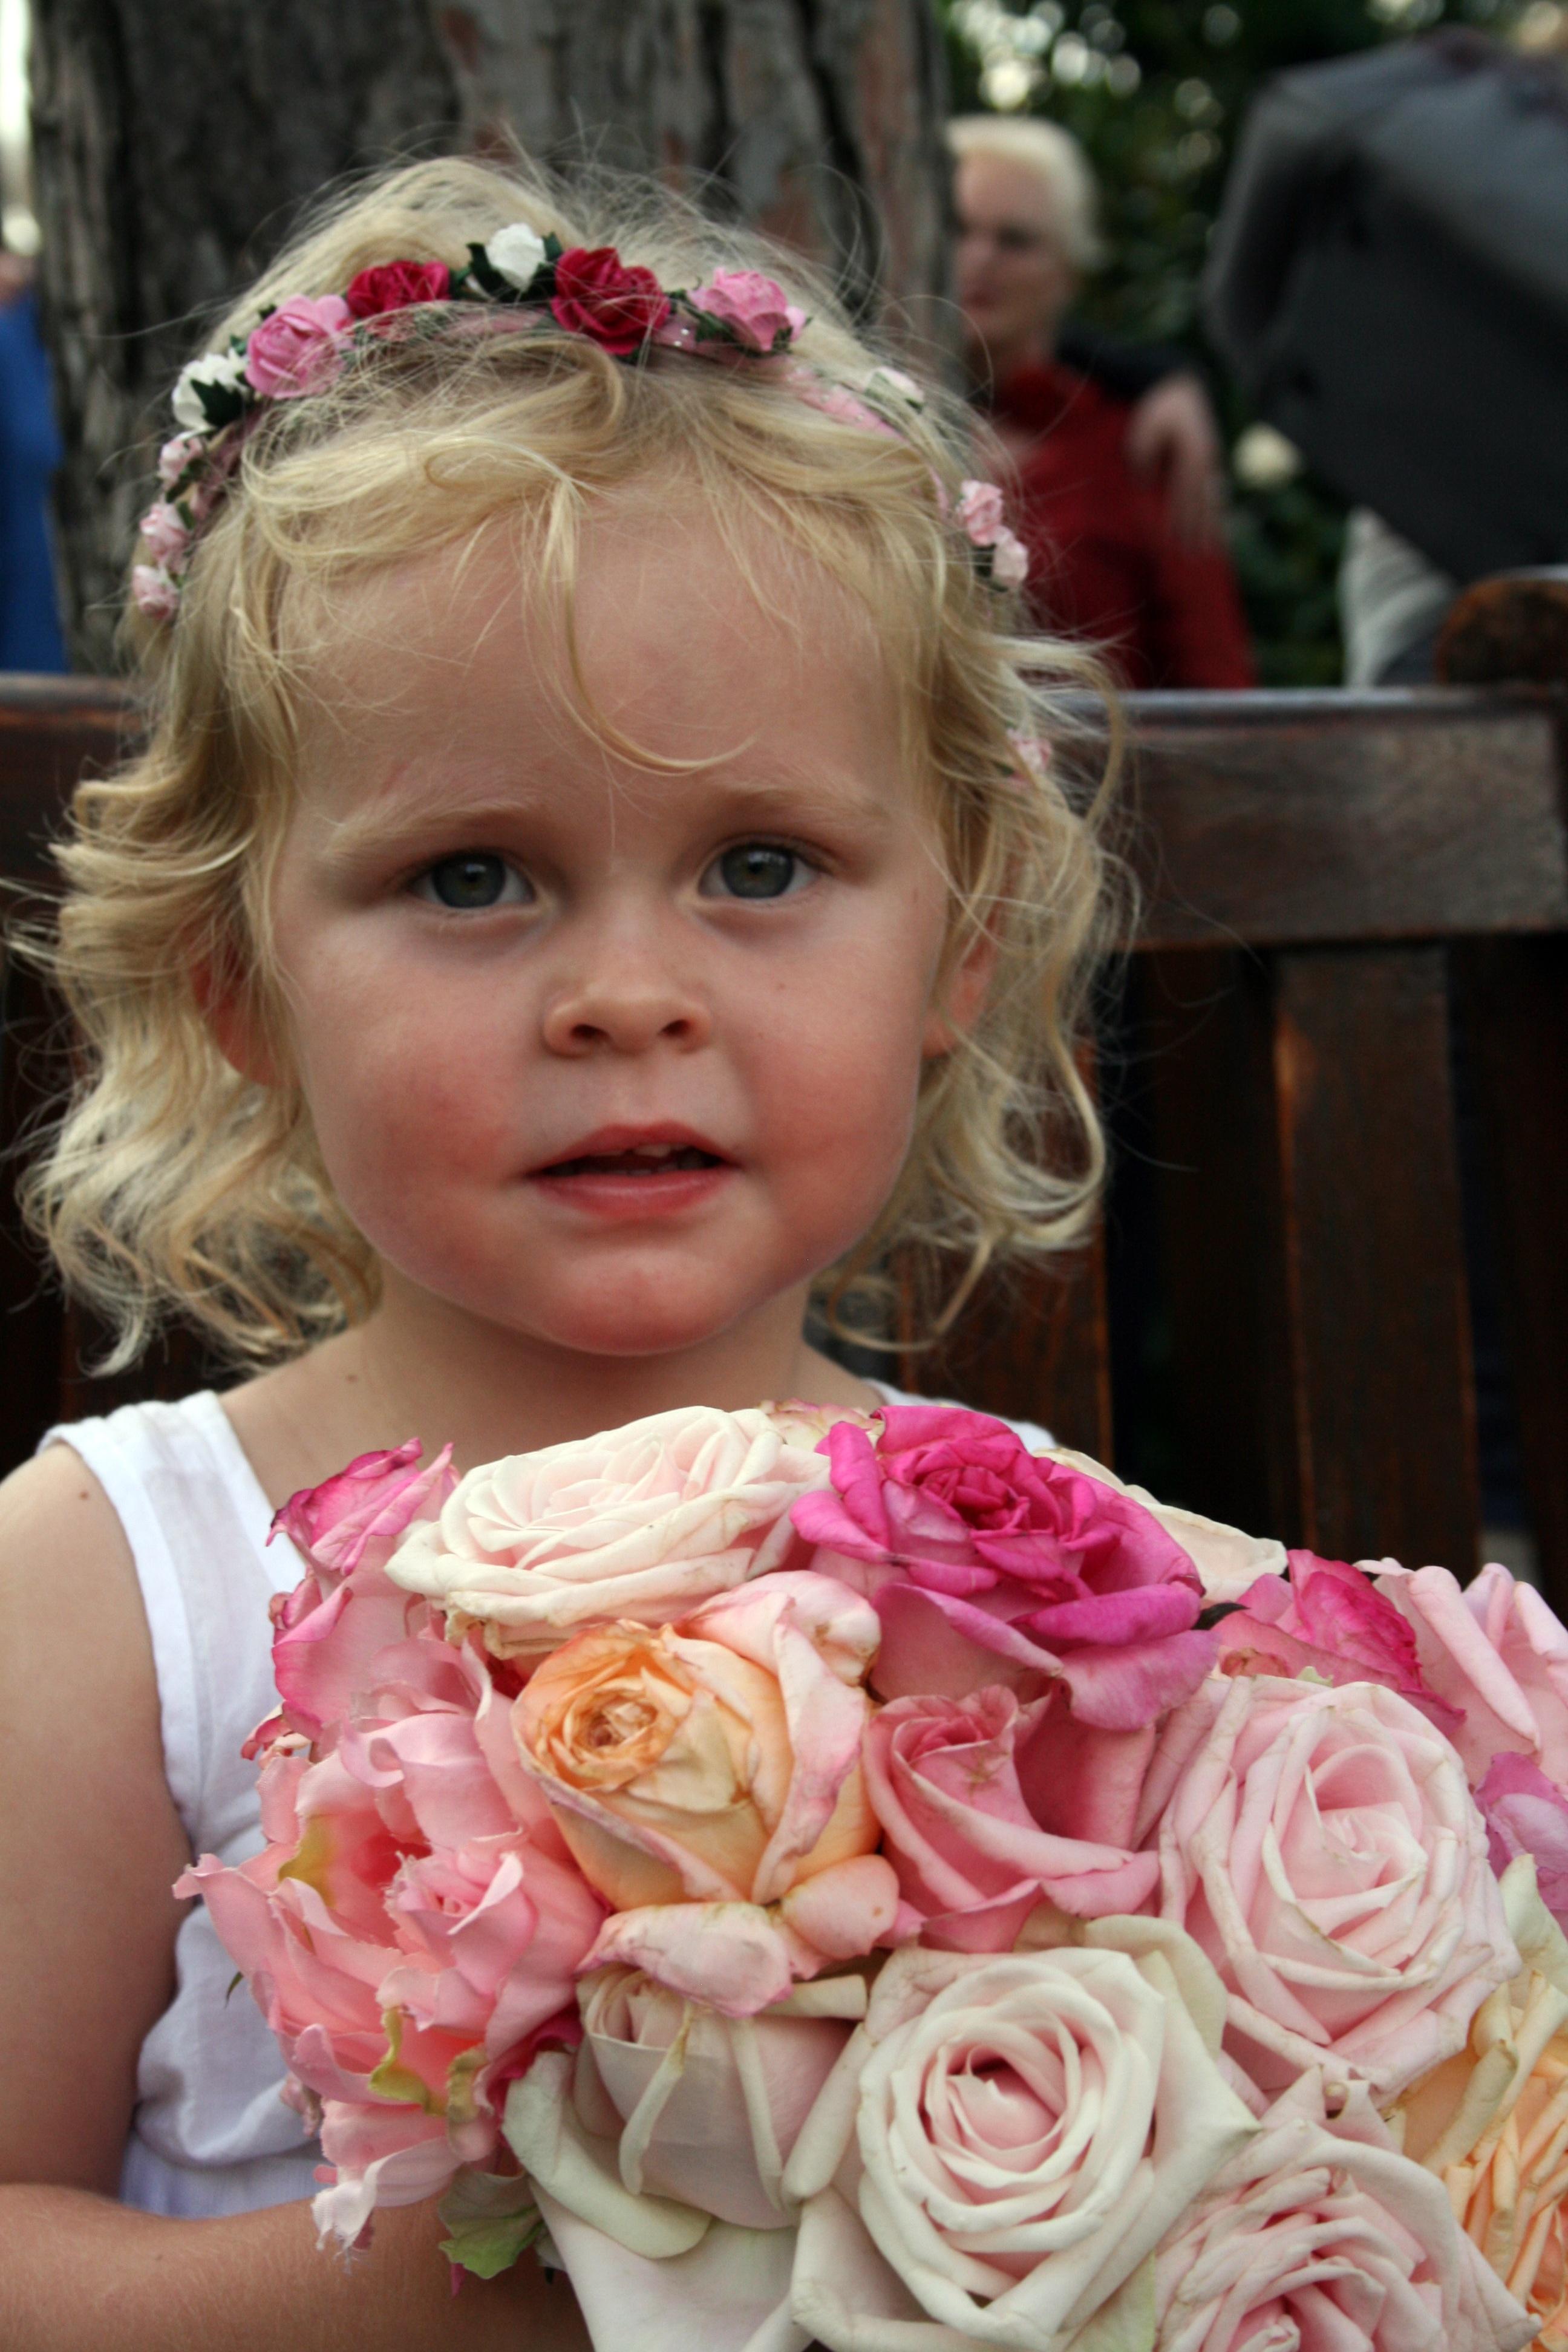 Kostenlose foto : Pflanze, Mädchen, Haar, Blume, niedlich, Blumen ...